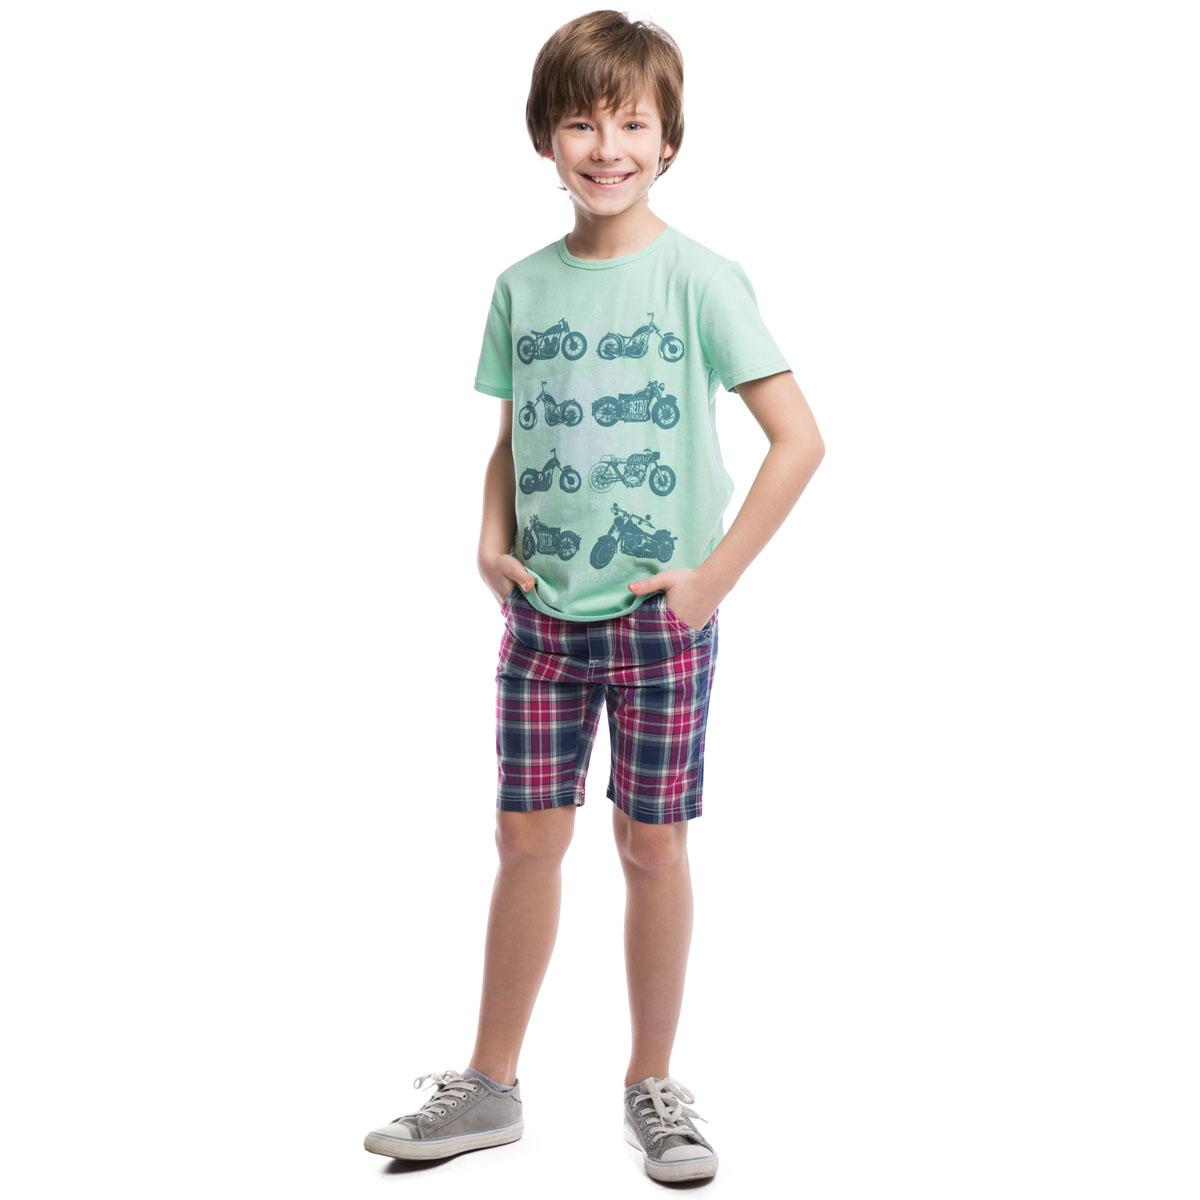 Футболка для мальчиков. 263009263009Мягкая хлопковая футболка с мотоциклами. Стильный серо-зеленый цвет. Воротник на мягкой резинке.